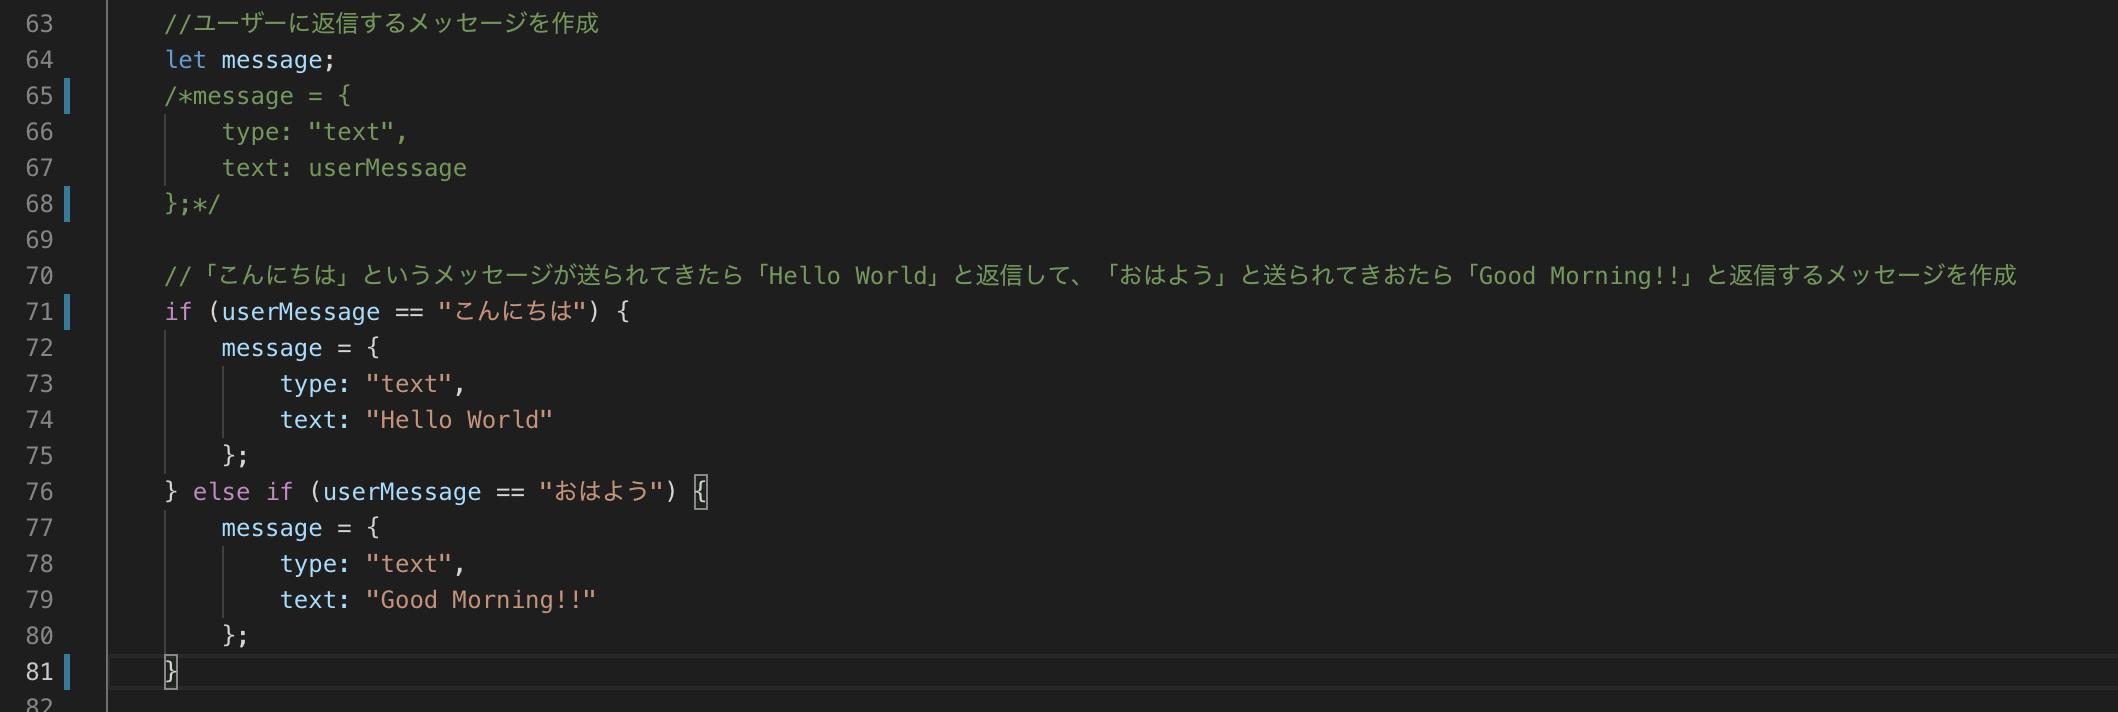 スクリーンショット 2019-02-11 10.13.59.png